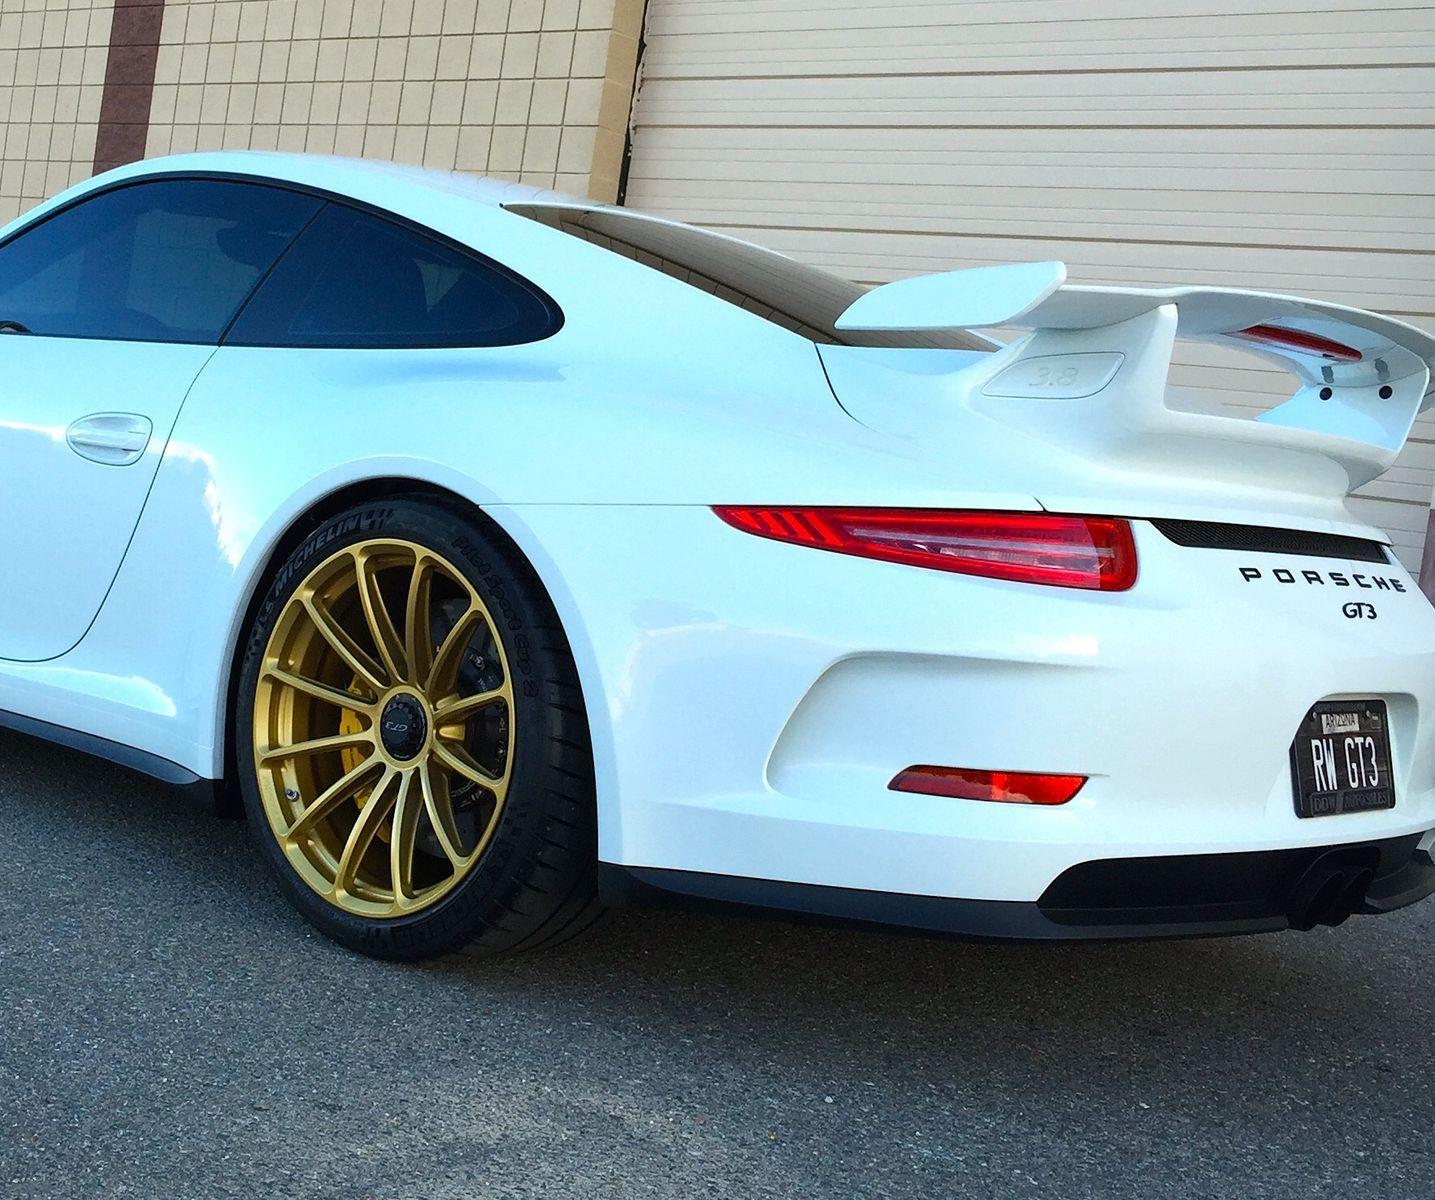 2015 Porsche 911 | Porsche GT3 on 20-inch Forgeline One Piece Forged Monoblock GT1 Wheels